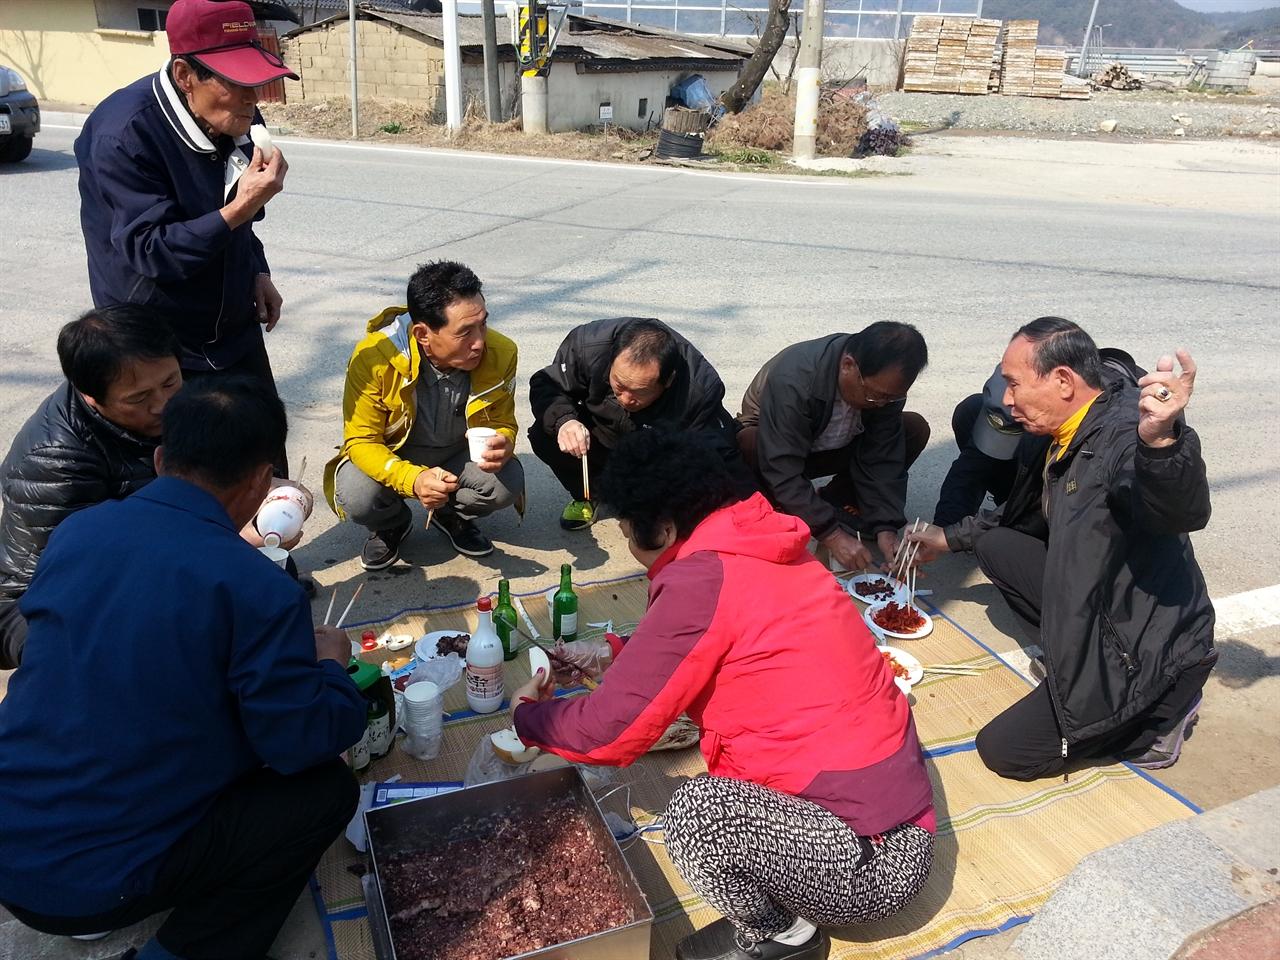 나눔 구산동 주민들이 덕담을 주고 받으며 음식을 나누고 있다.